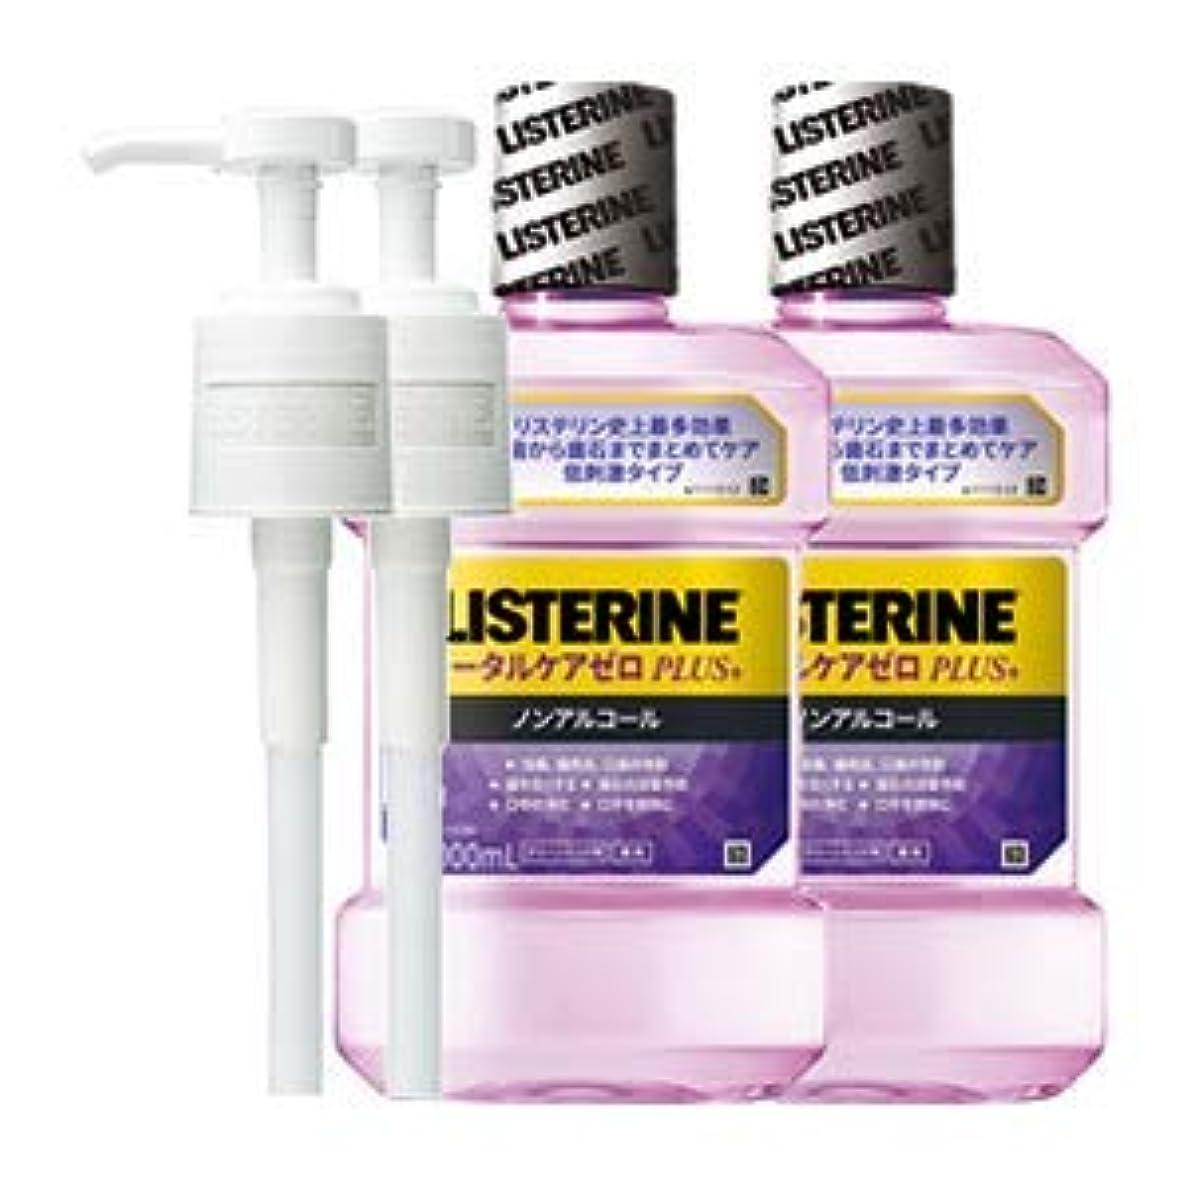 伸ばす戻るフィドル薬用リステリン トータルケアゼロプラス (液体歯磨) 1000mL 2点セット (ポンプ付)